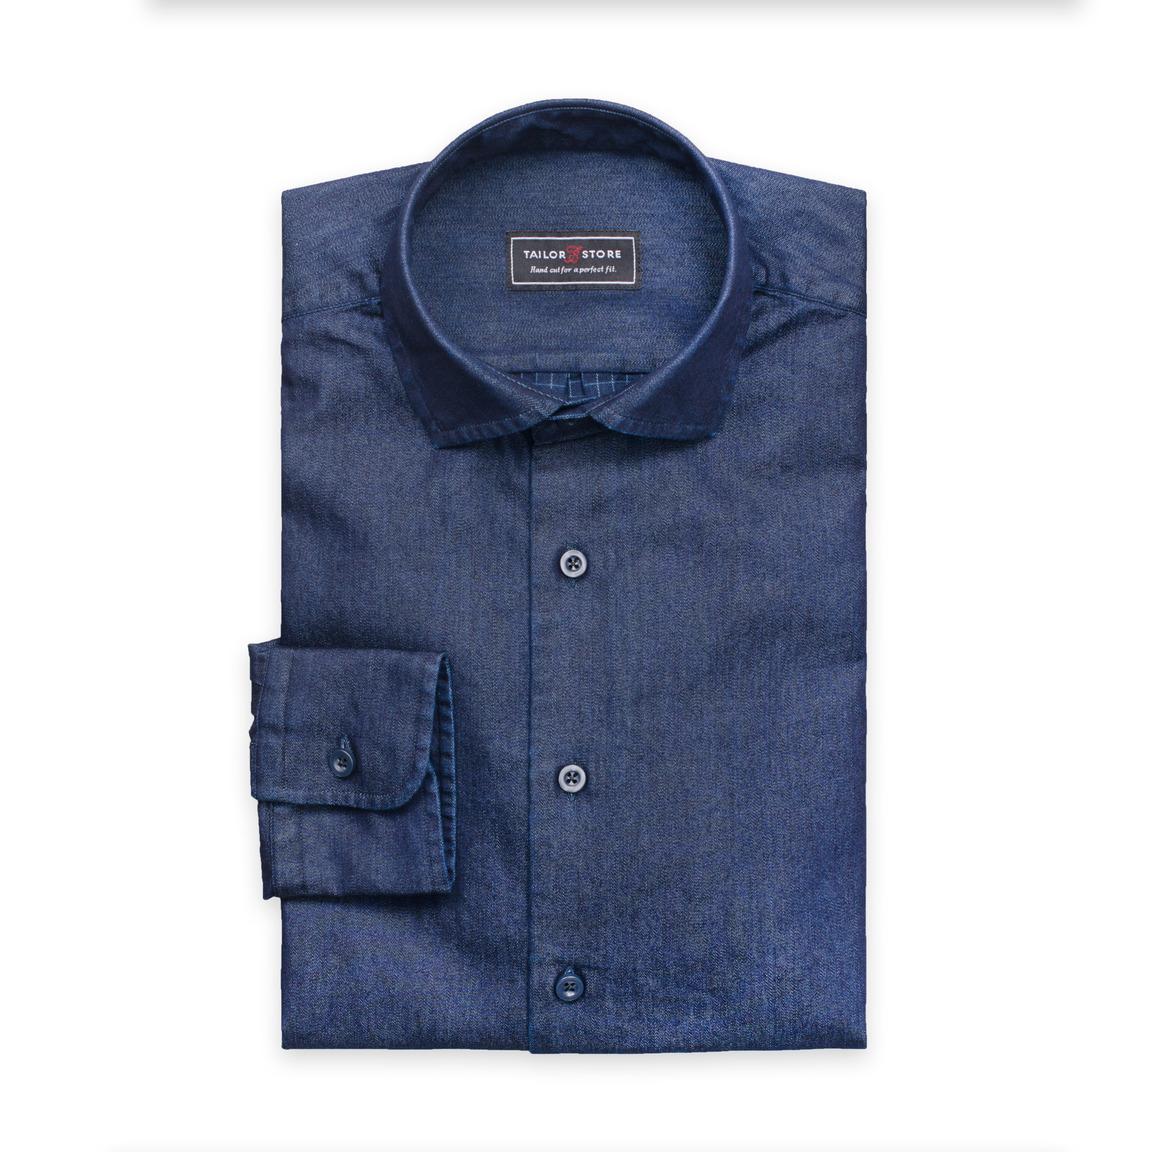 Indigoblå jeansskjorta med rutig avigsida